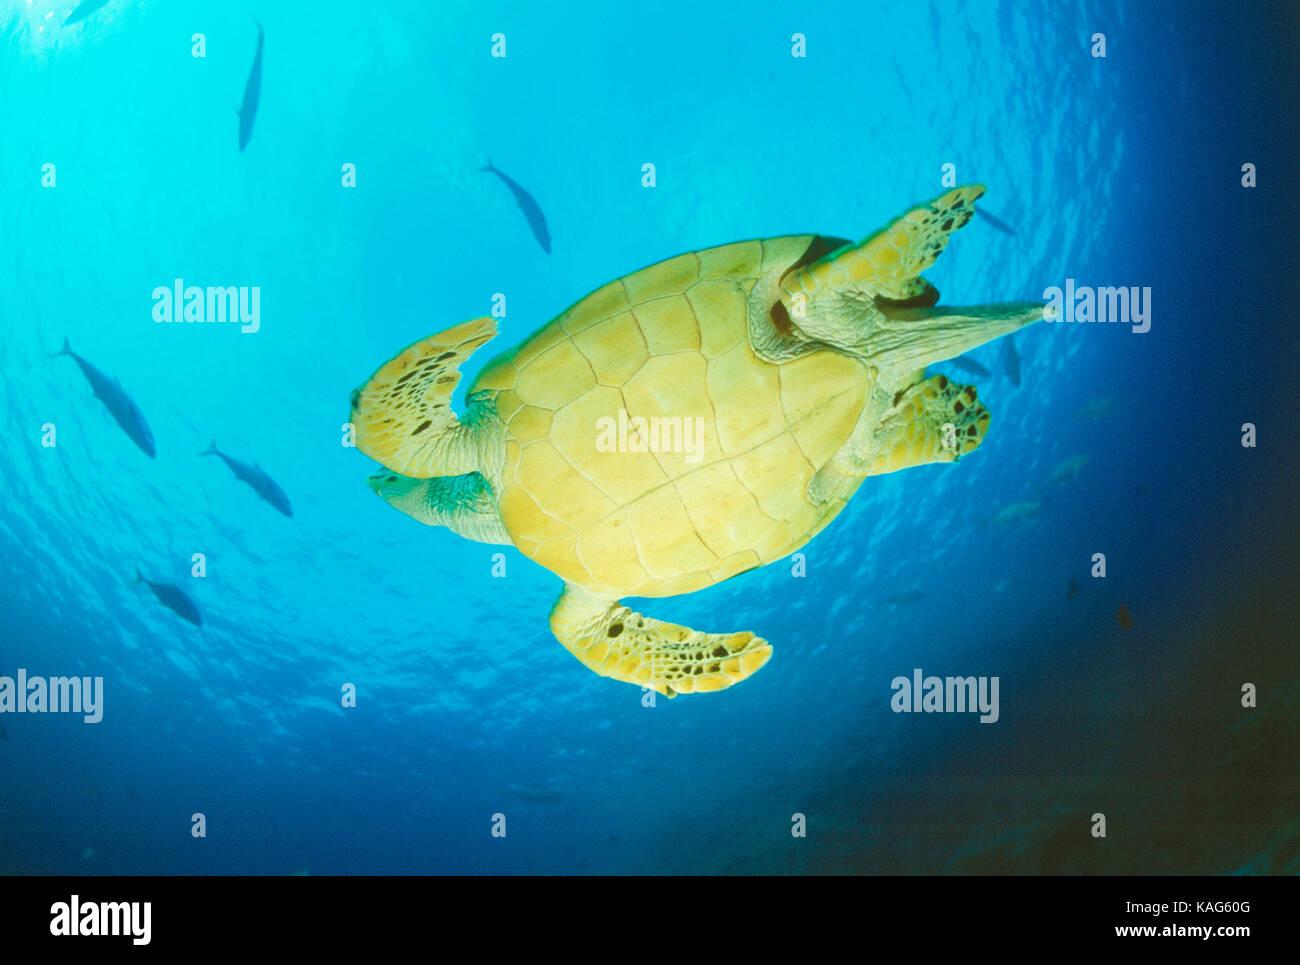 Egitto. mare rosso. vista del lato inferiore della tartaruga embricata nuoto sott'acqua. Immagini Stock